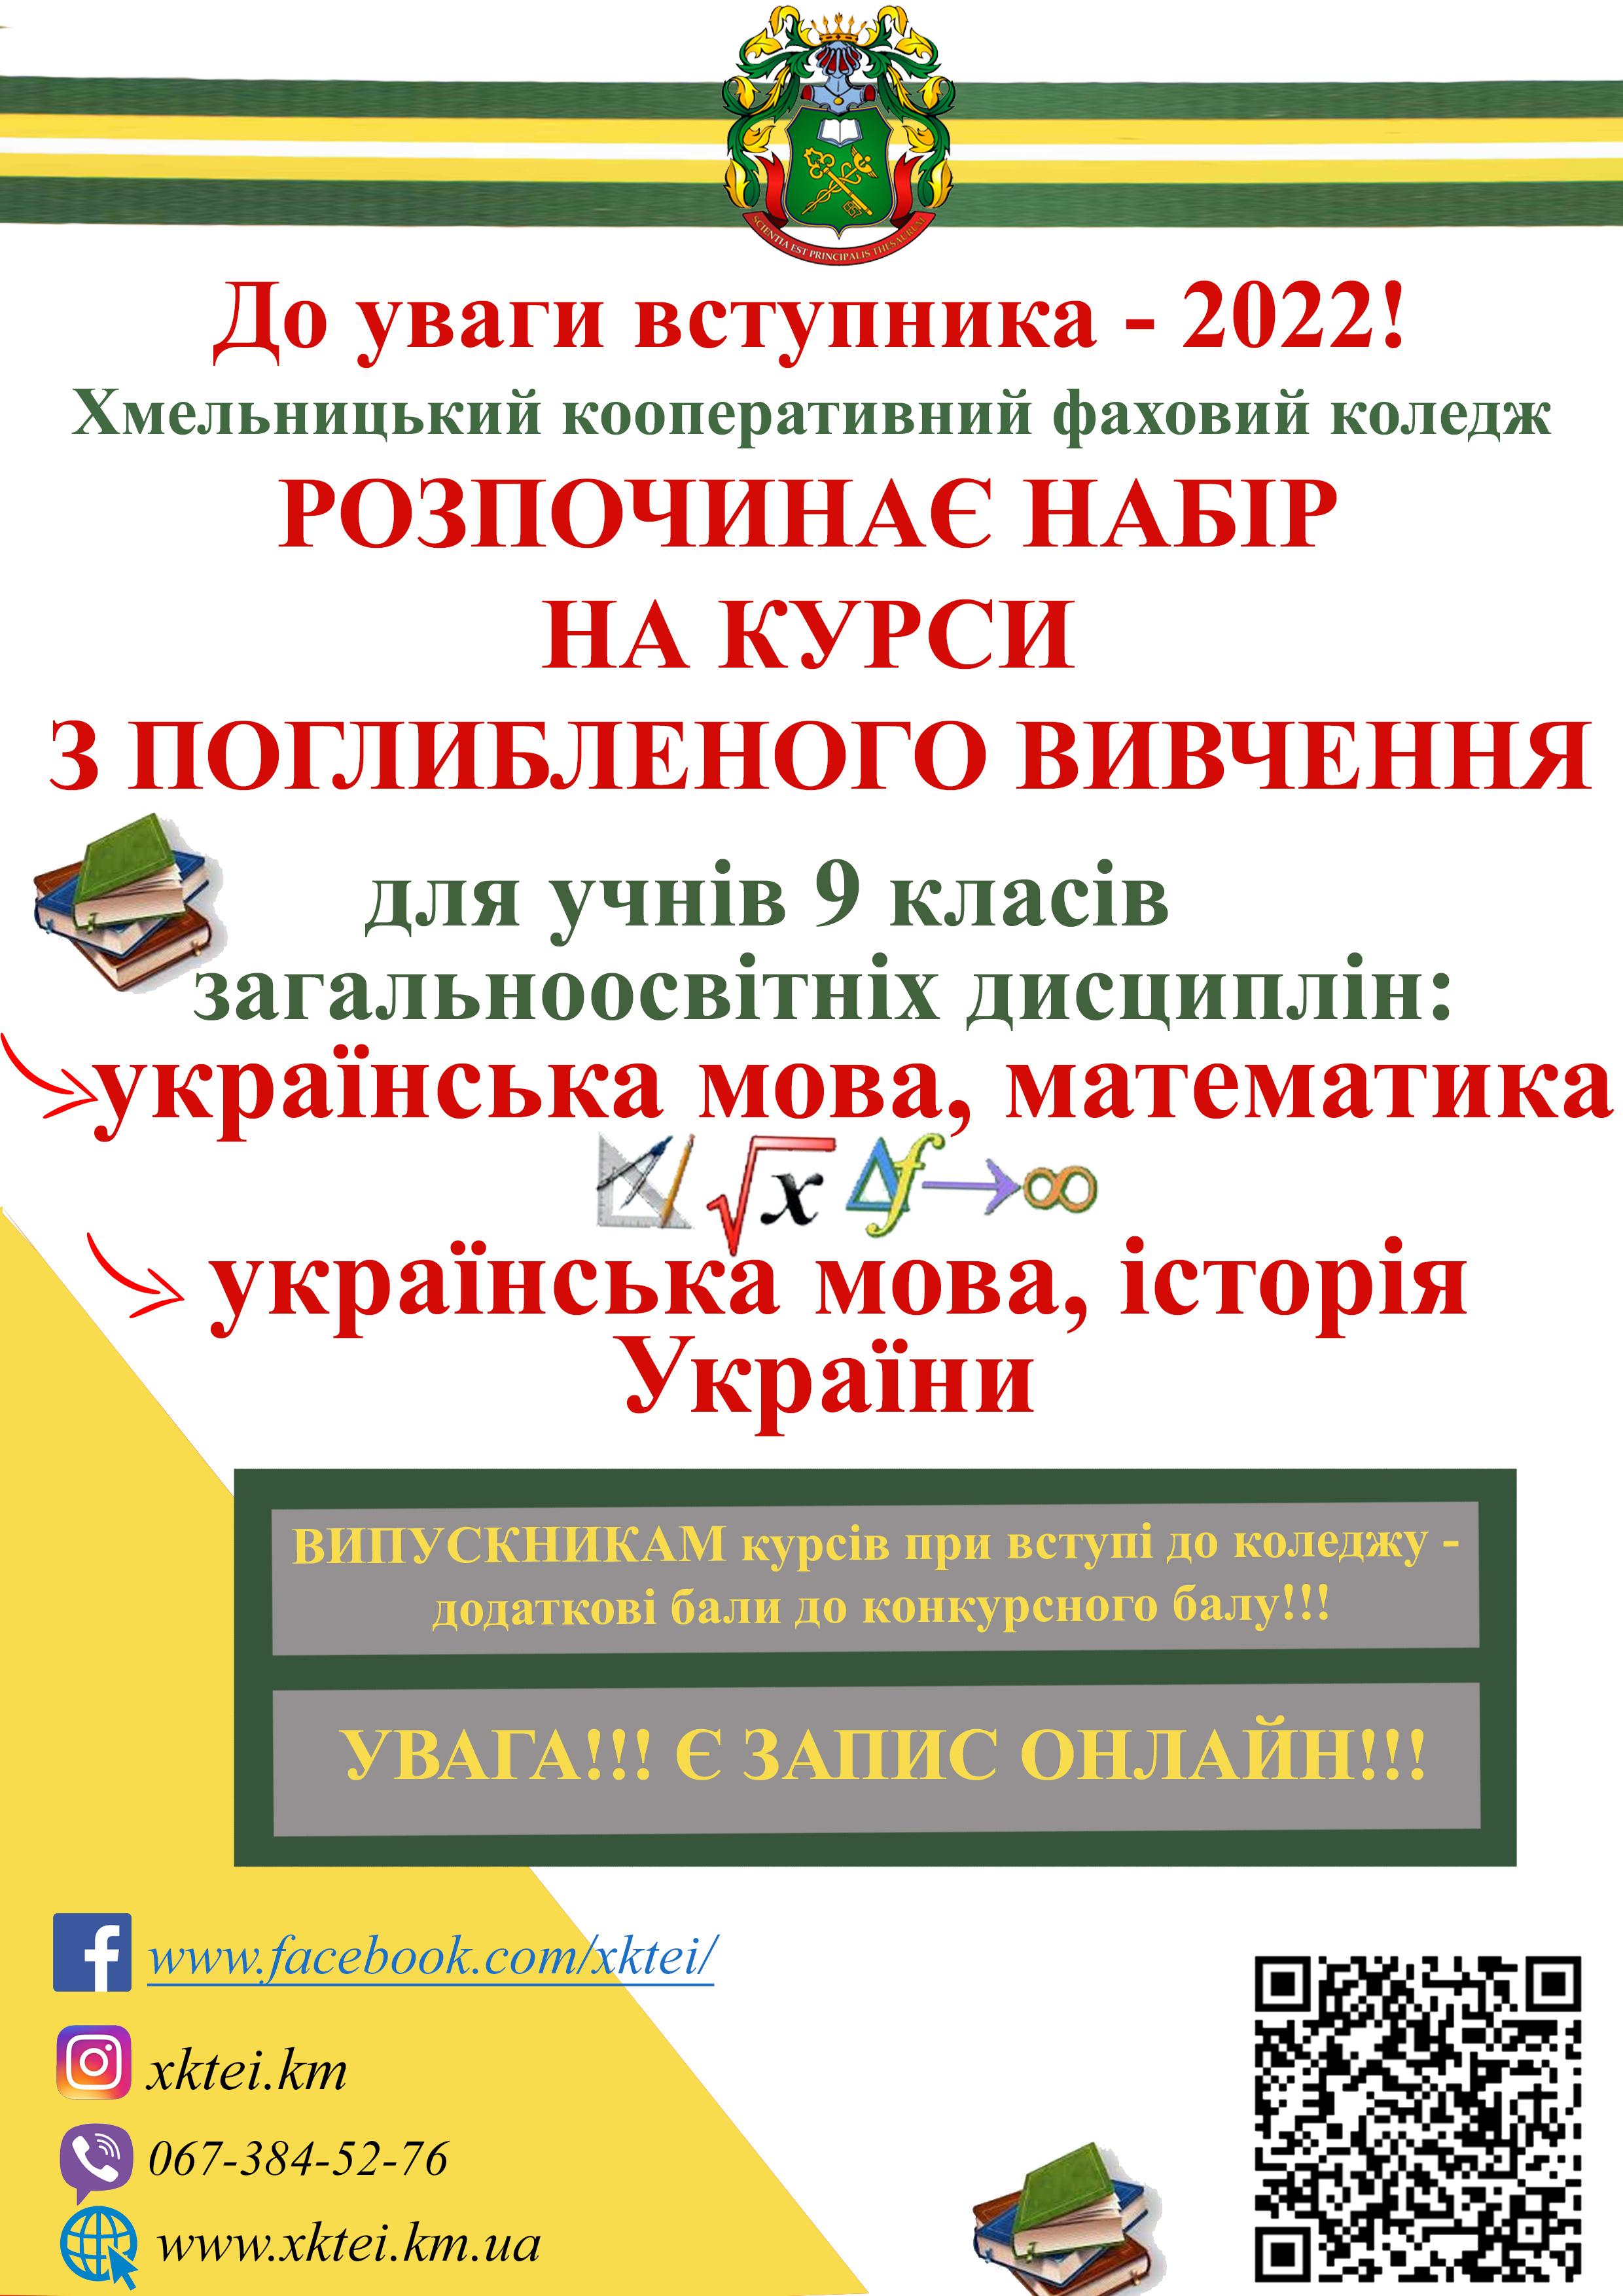 pidgotovchi_kursi_2021_12_10_02_01